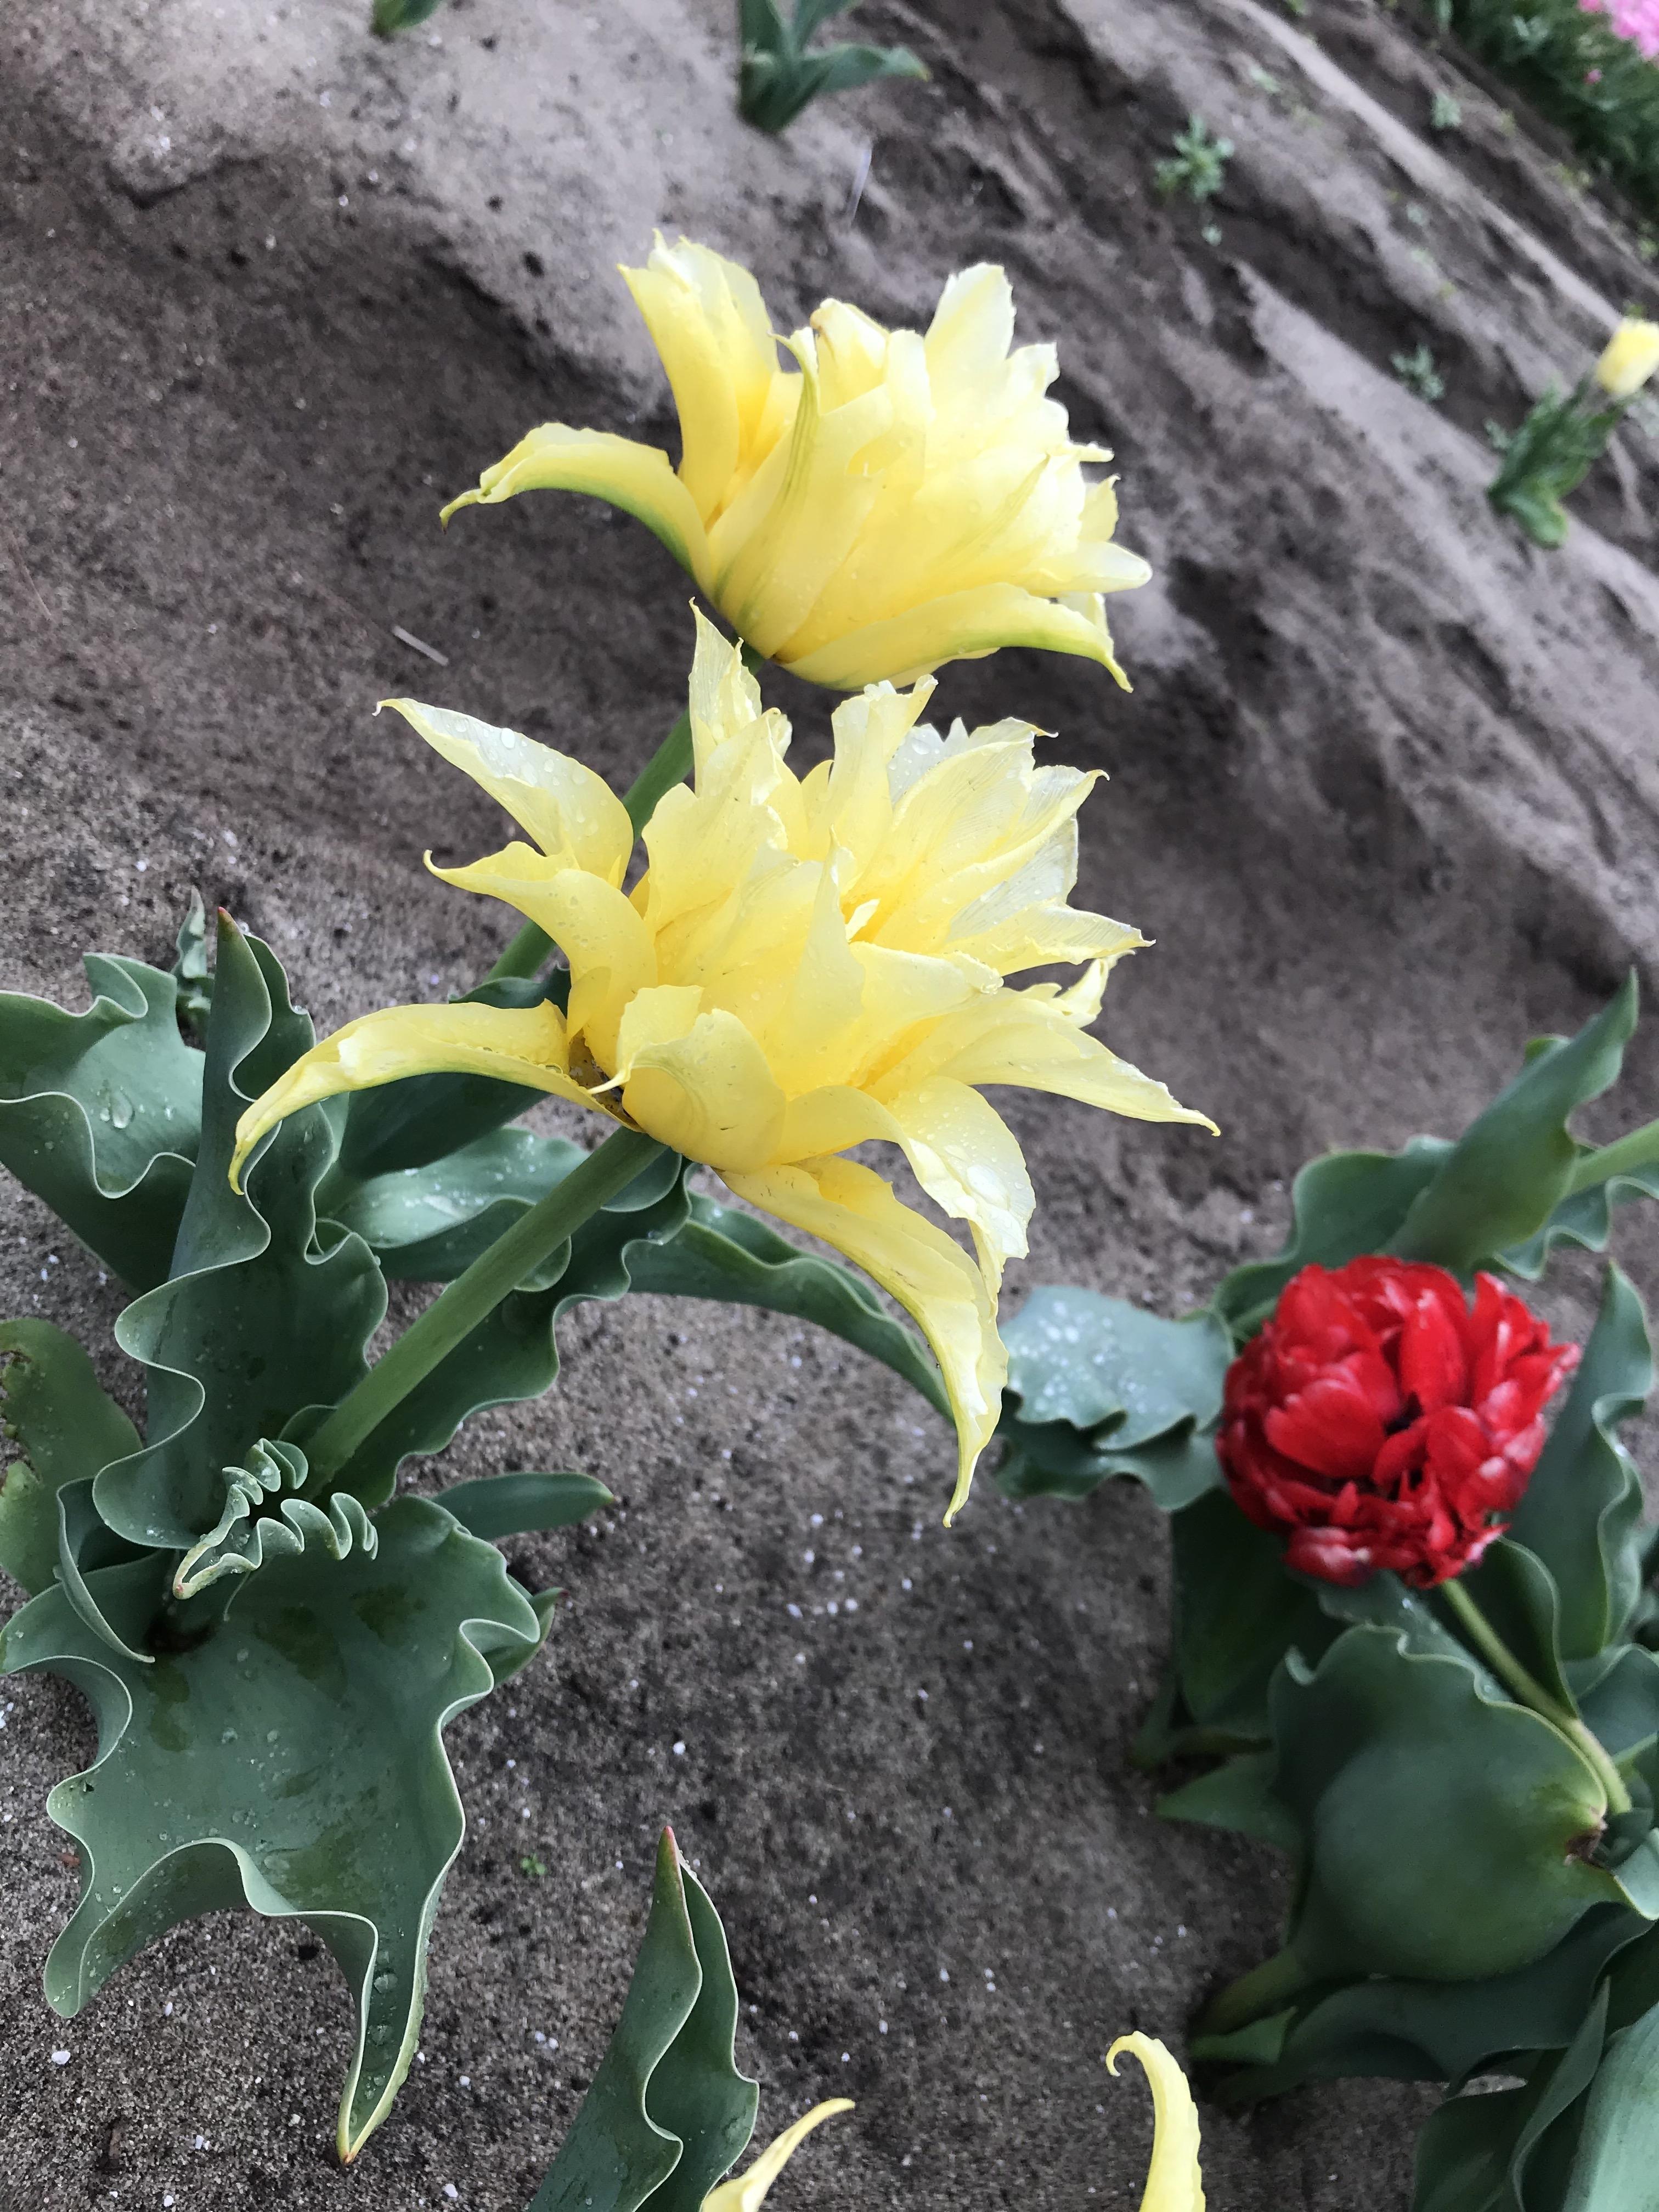 黄色い百合とバラのようなチューリップ